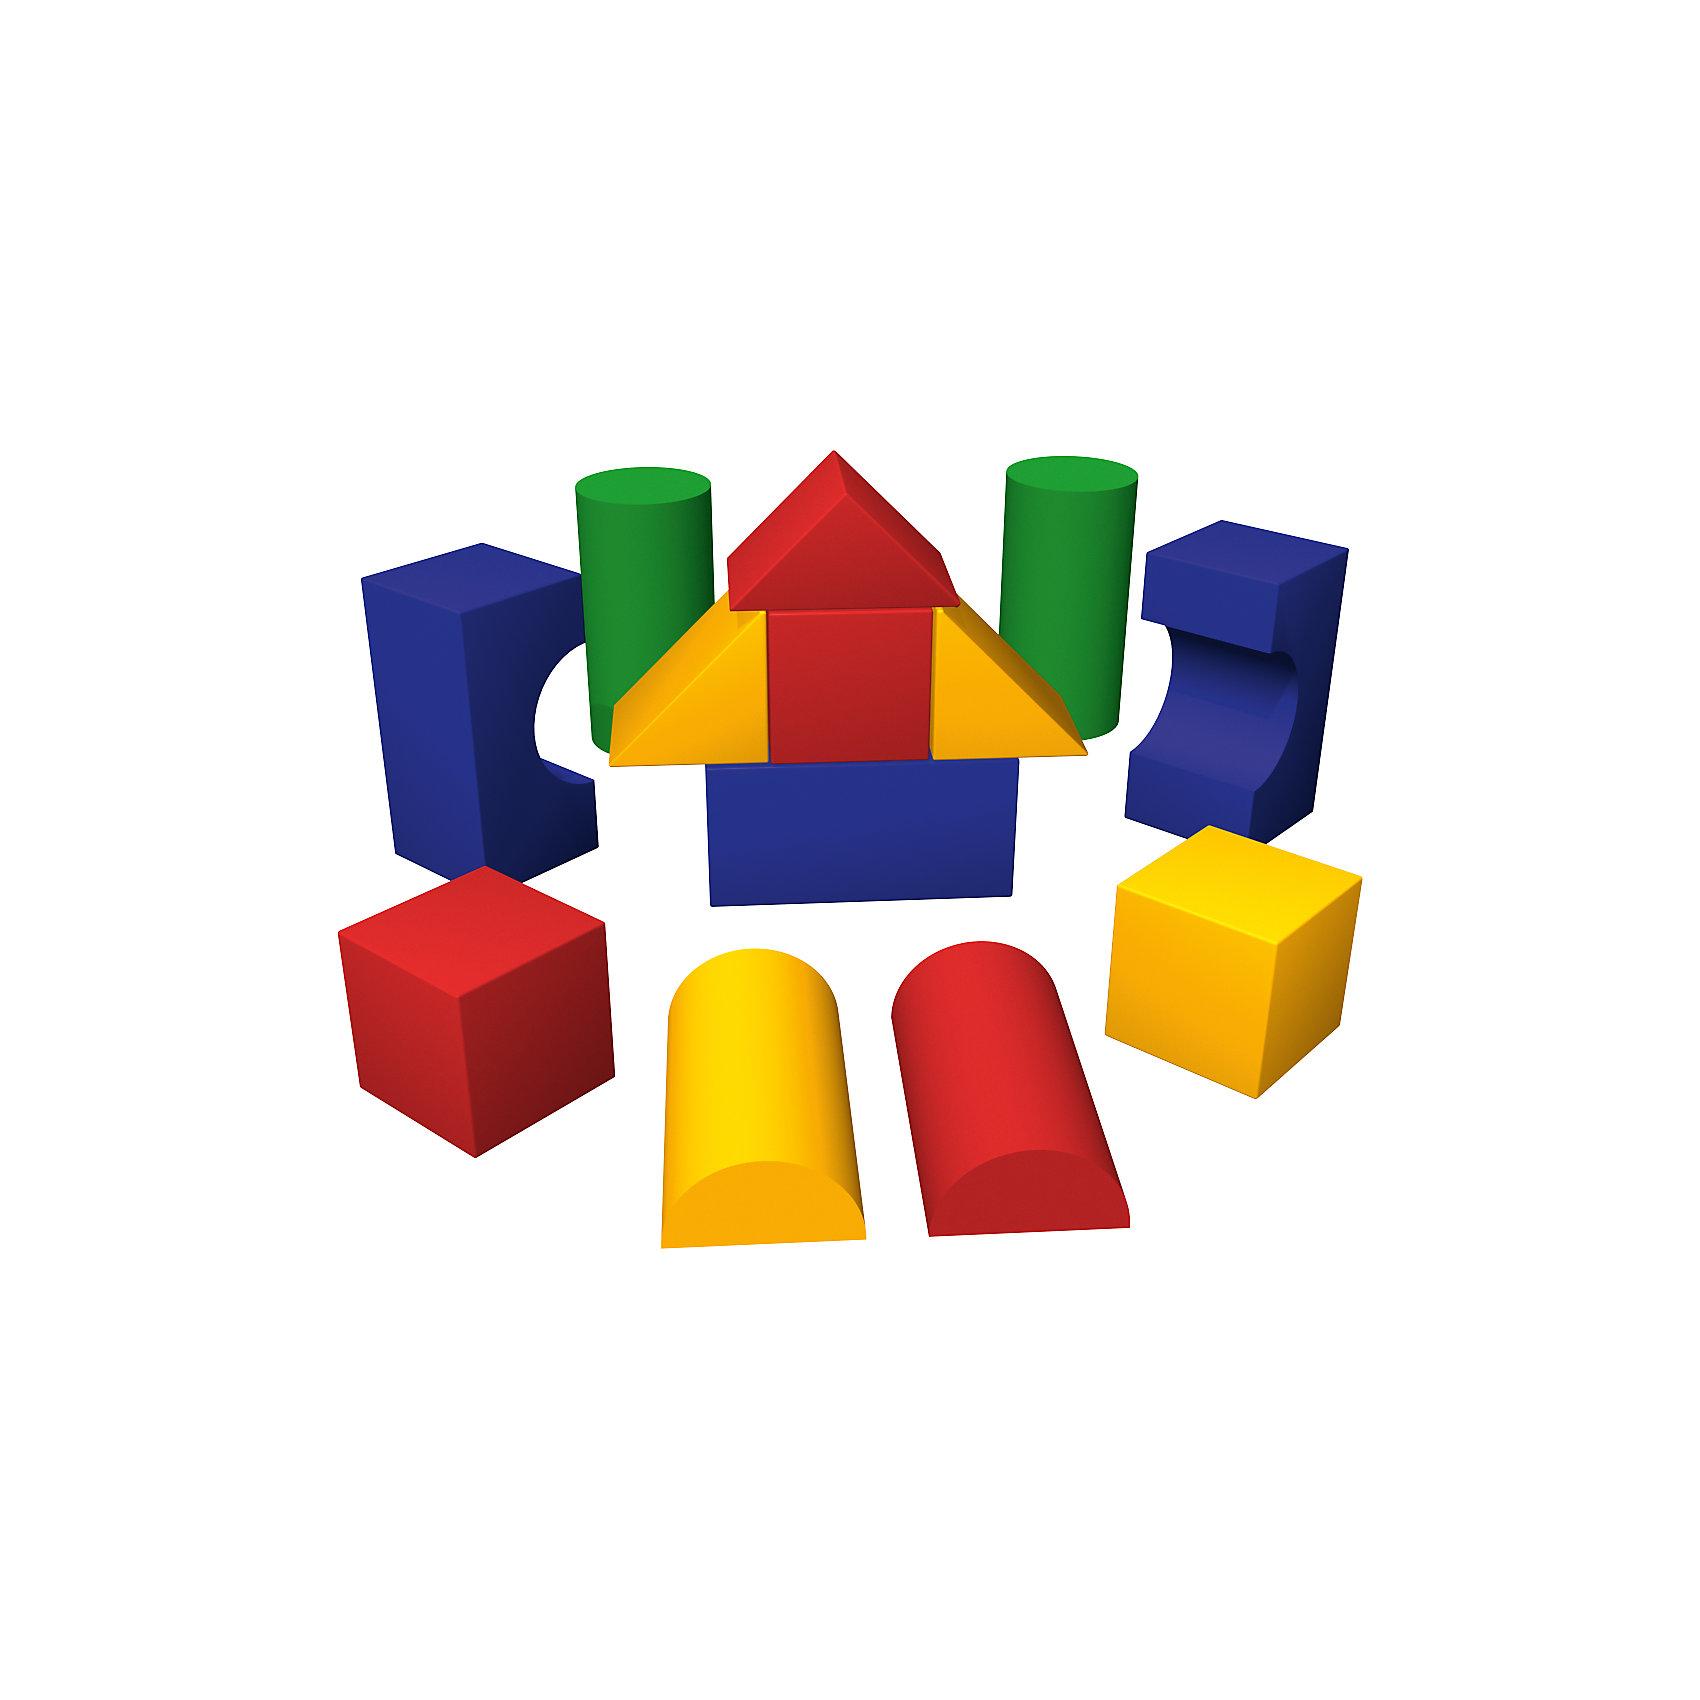 Игровой модуль Ракета, ROMANAИгровые наборы<br>Конструктор – традиционная детская Изделие, которая обеспечивает нормальное детское развитие. С ним ребенок разовьет свою фантазию и выучит геометрические формы. Мягкий конструктор – отличный вариант для того, чтобы разнообразить детскую комнату. Полное отсутствие острых углов и твердых поверхностей позволит детям использовать игрушку в своих играх и не получить травм или повреждений. Развивает координацию, вестибулярный аппарат и ловкость. Материалы, использованные при изготовлении, абсолютно безопасны для детей и отвечают всем международным требованиям по качеству. <br><br>Дополнительная информация: <br><br>вес изделия: 13кг;<br>возраст: 3 +;<br>цвет: разноцветный;<br>размер: 210 х 210 х 85 см;<br>материал: поролон, винилискожа.<br><br>Мягкий конструктор  «Ракета» для детей от компании ROMANA можно приобрести в нашем магазине.<br><br>Ширина мм: 1600<br>Глубина мм: 600<br>Высота мм: 600<br>Вес г: 13000<br>Возраст от месяцев: 36<br>Возраст до месяцев: 120<br>Пол: Унисекс<br>Возраст: Детский<br>SKU: 4993348